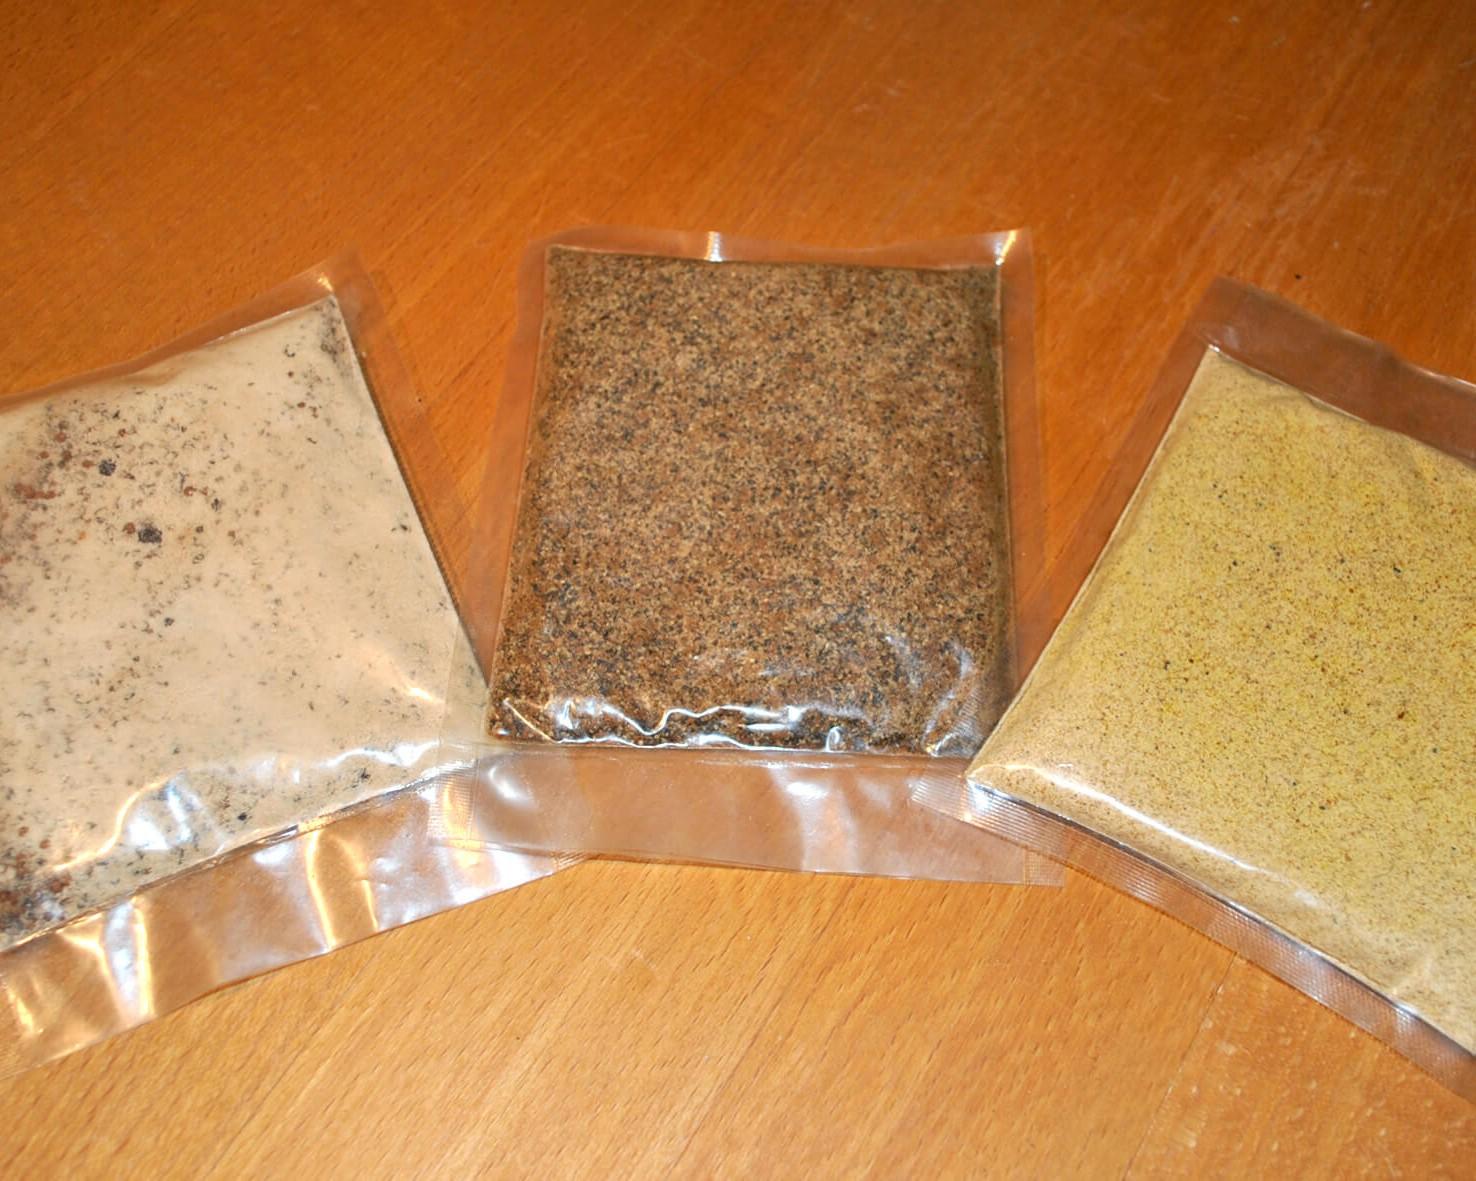 Räucherschrank, Busam, Holzbackofenbau, poisson fumé, Fish smoked